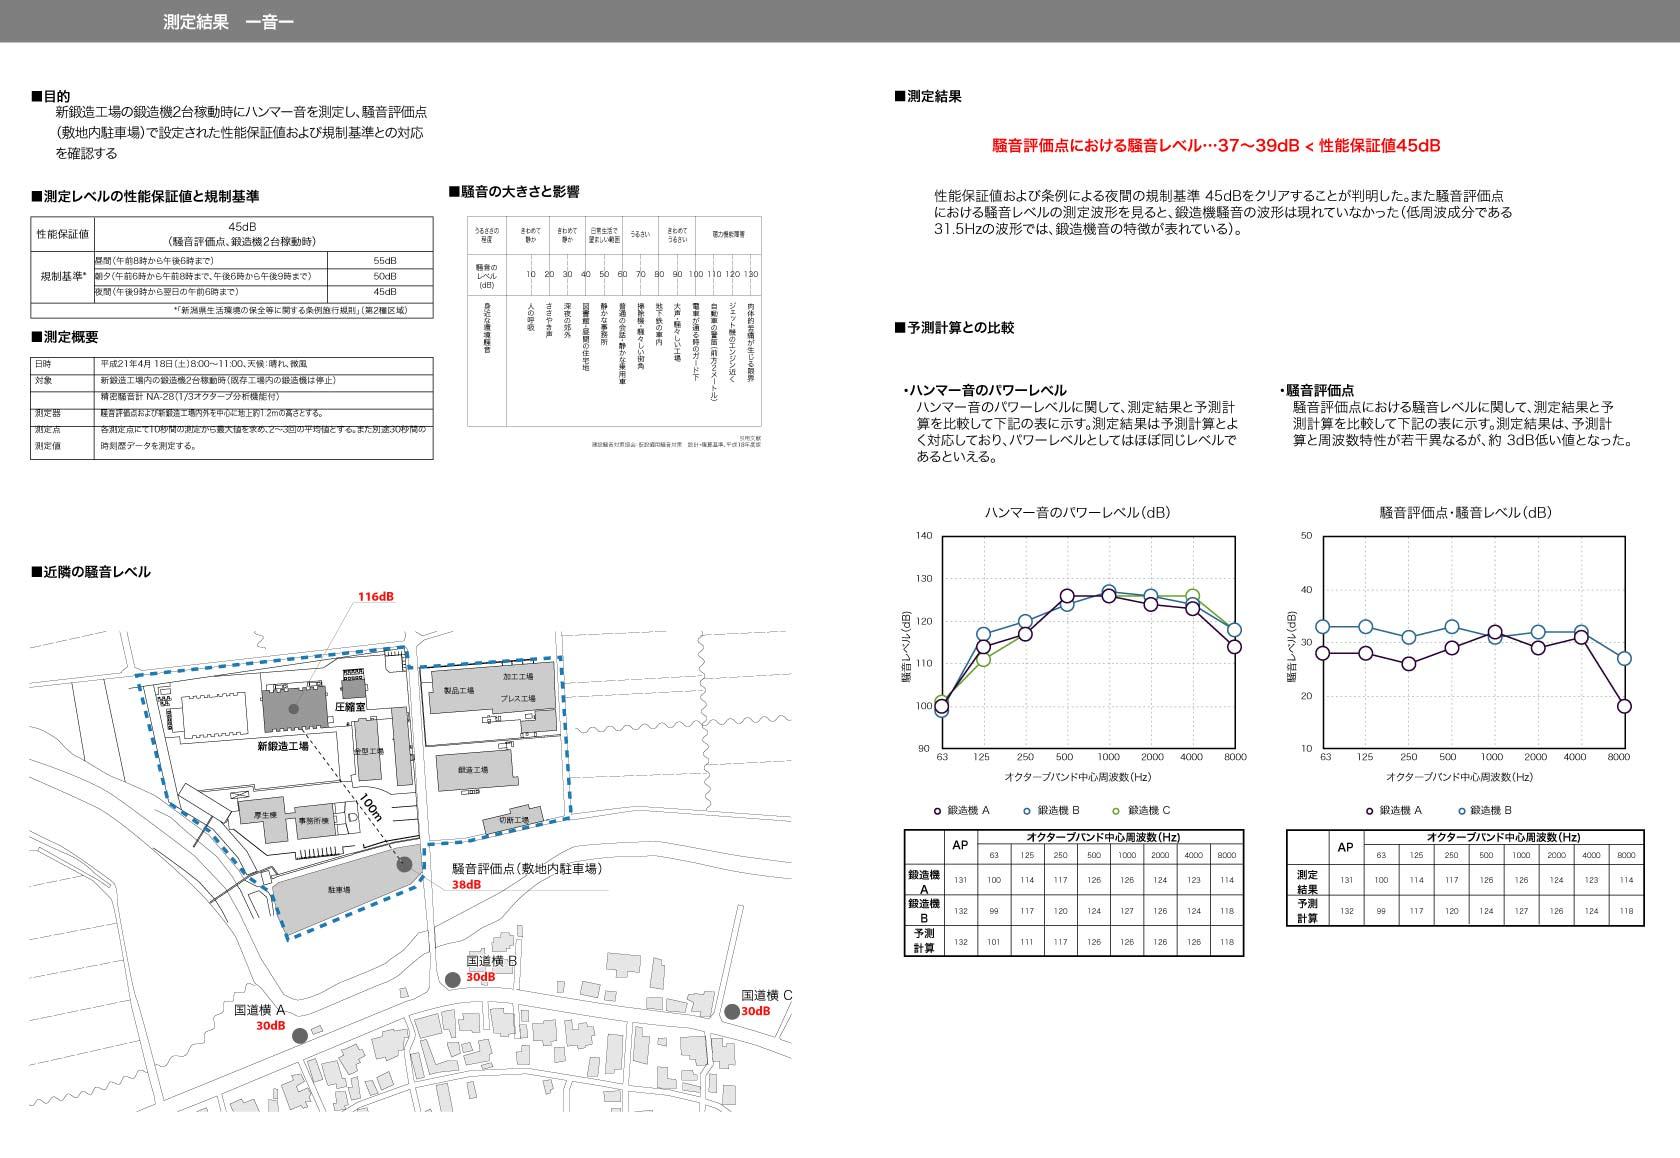 新鍛造工場42-測定結果-音